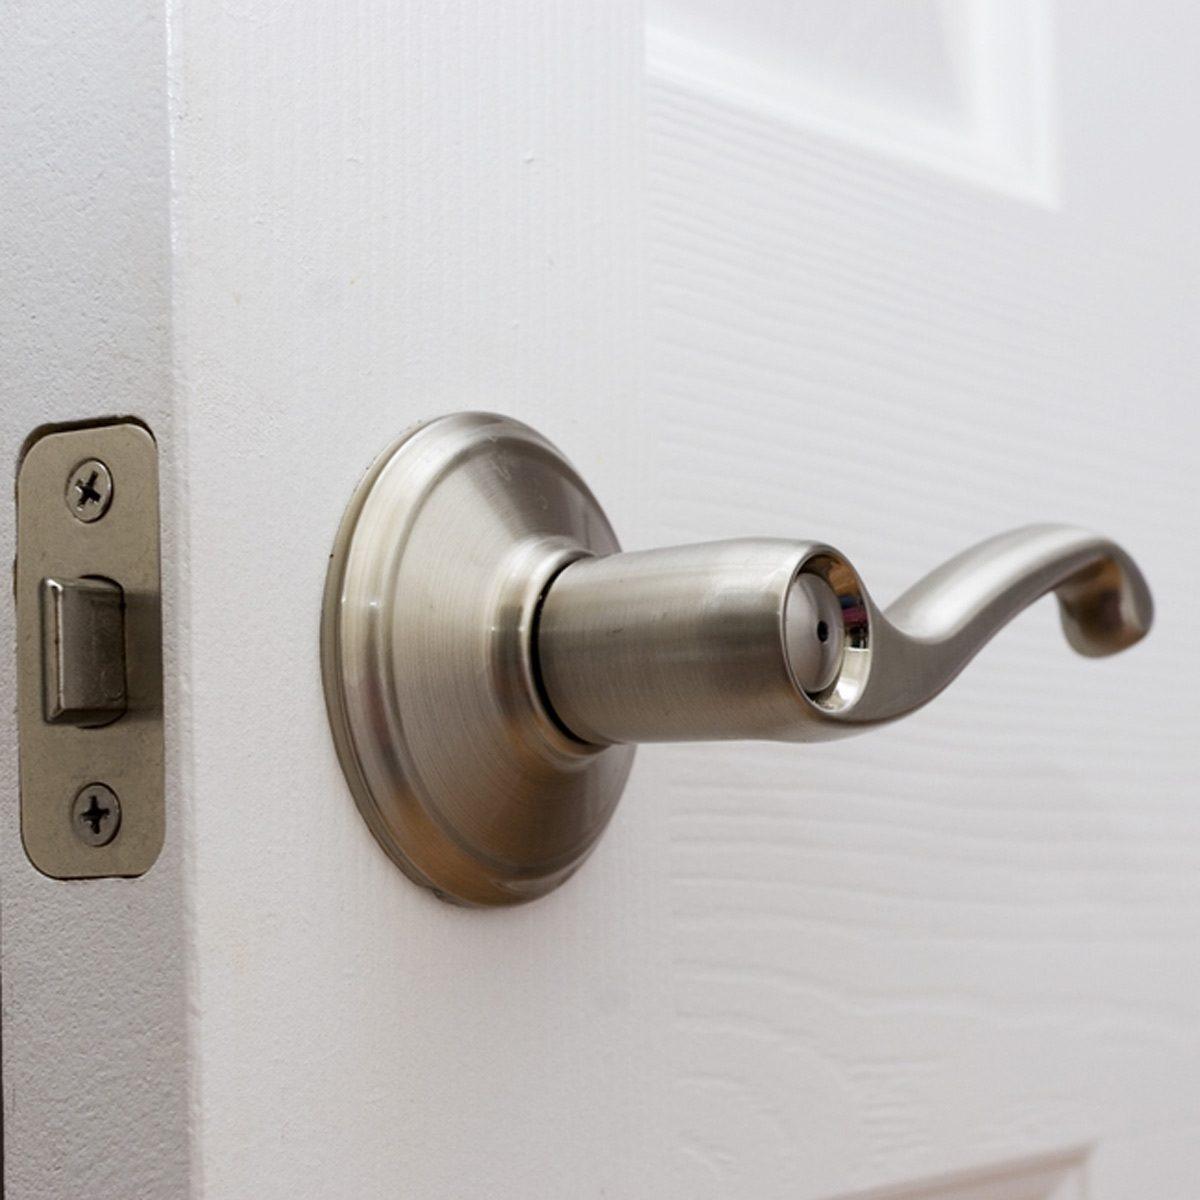 shutterstock_1798021 door knob handles